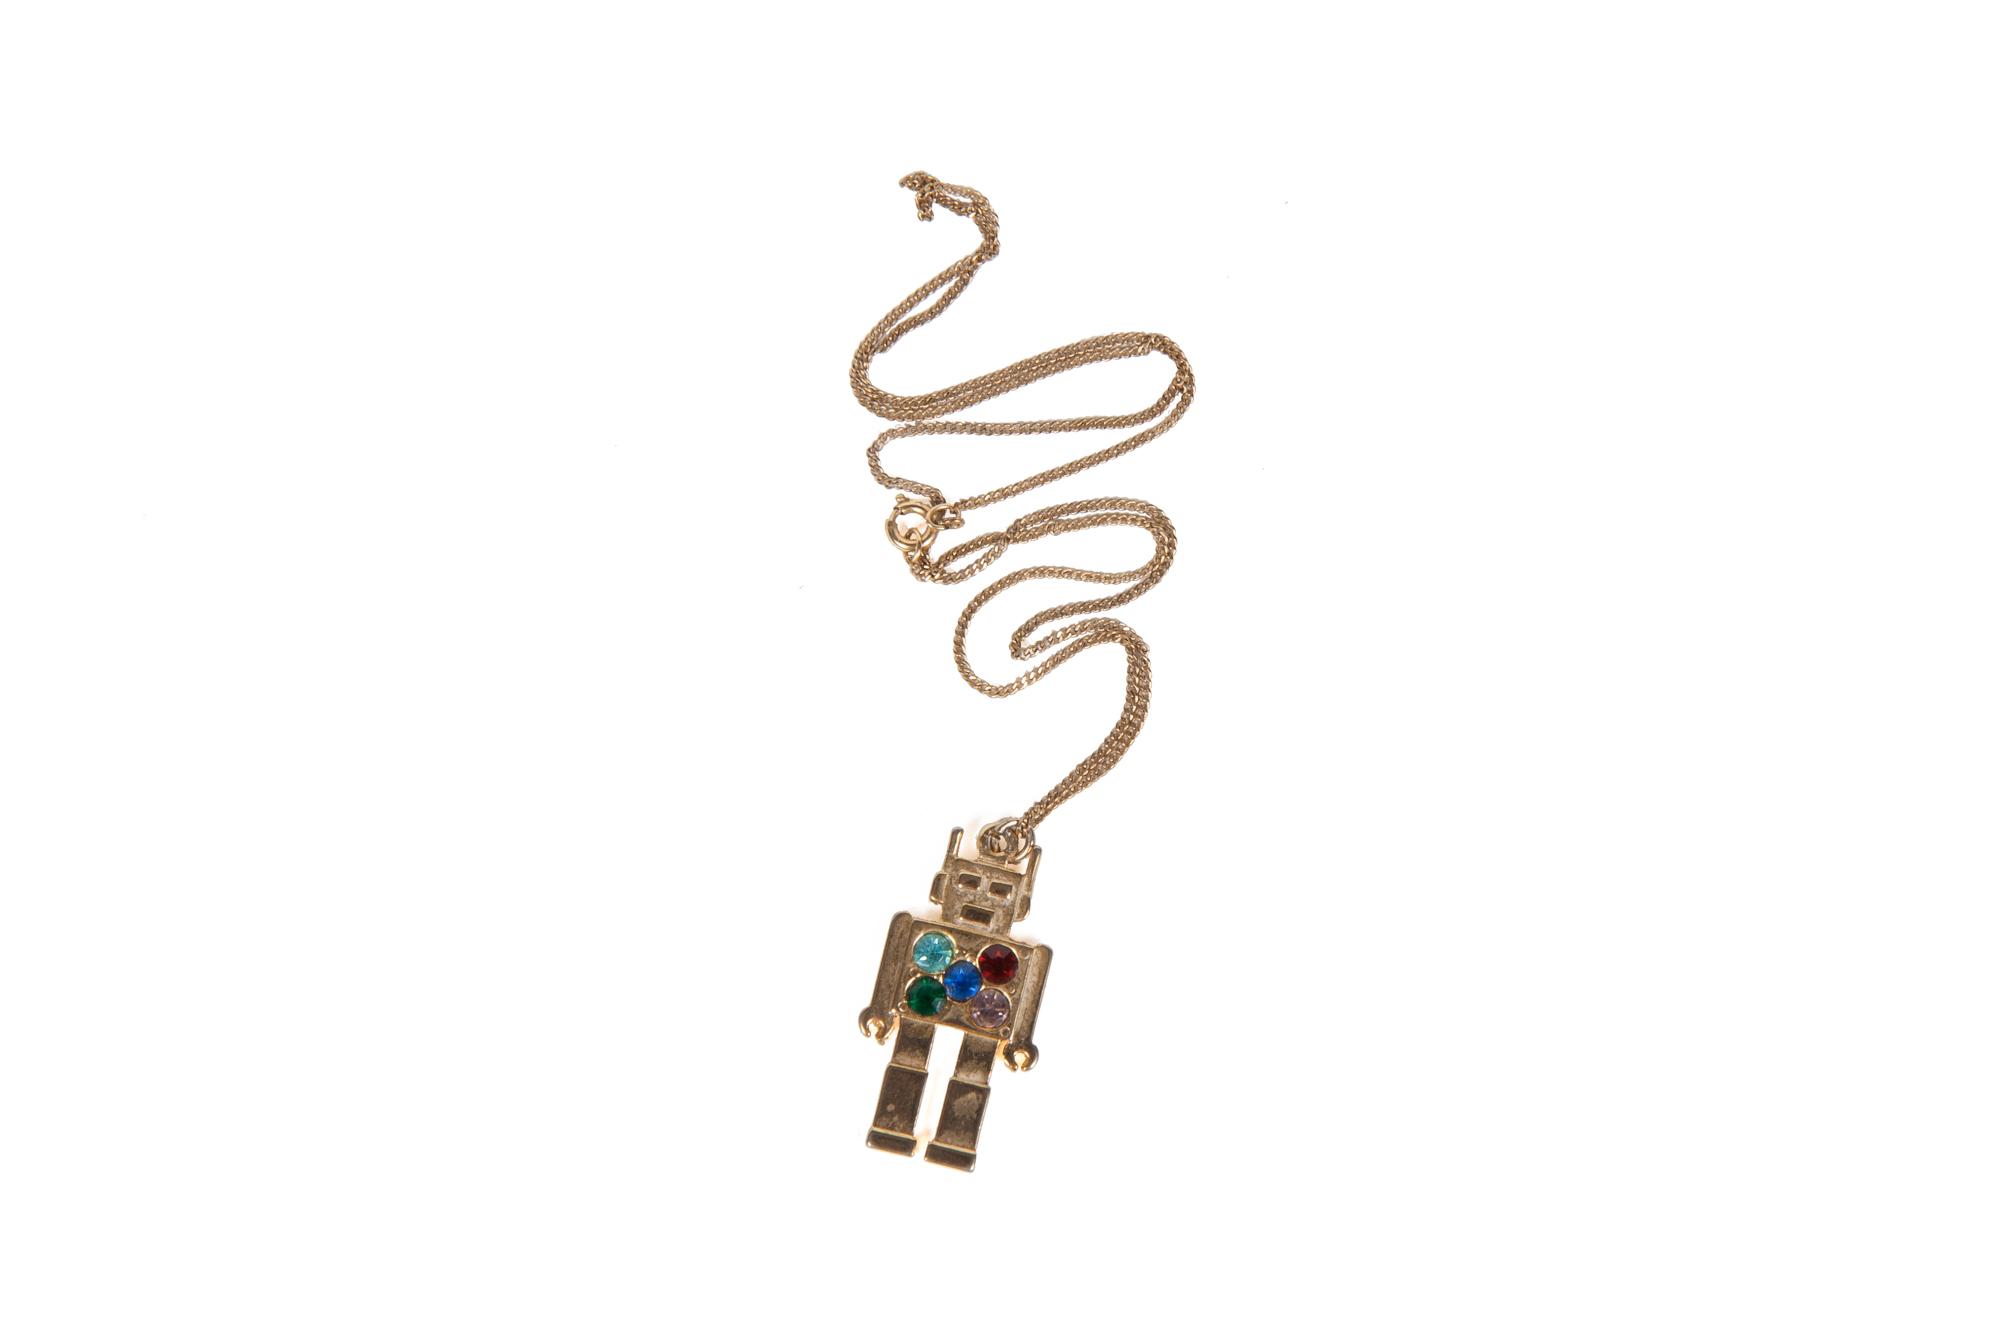 Robot Necklace (circa 1980)